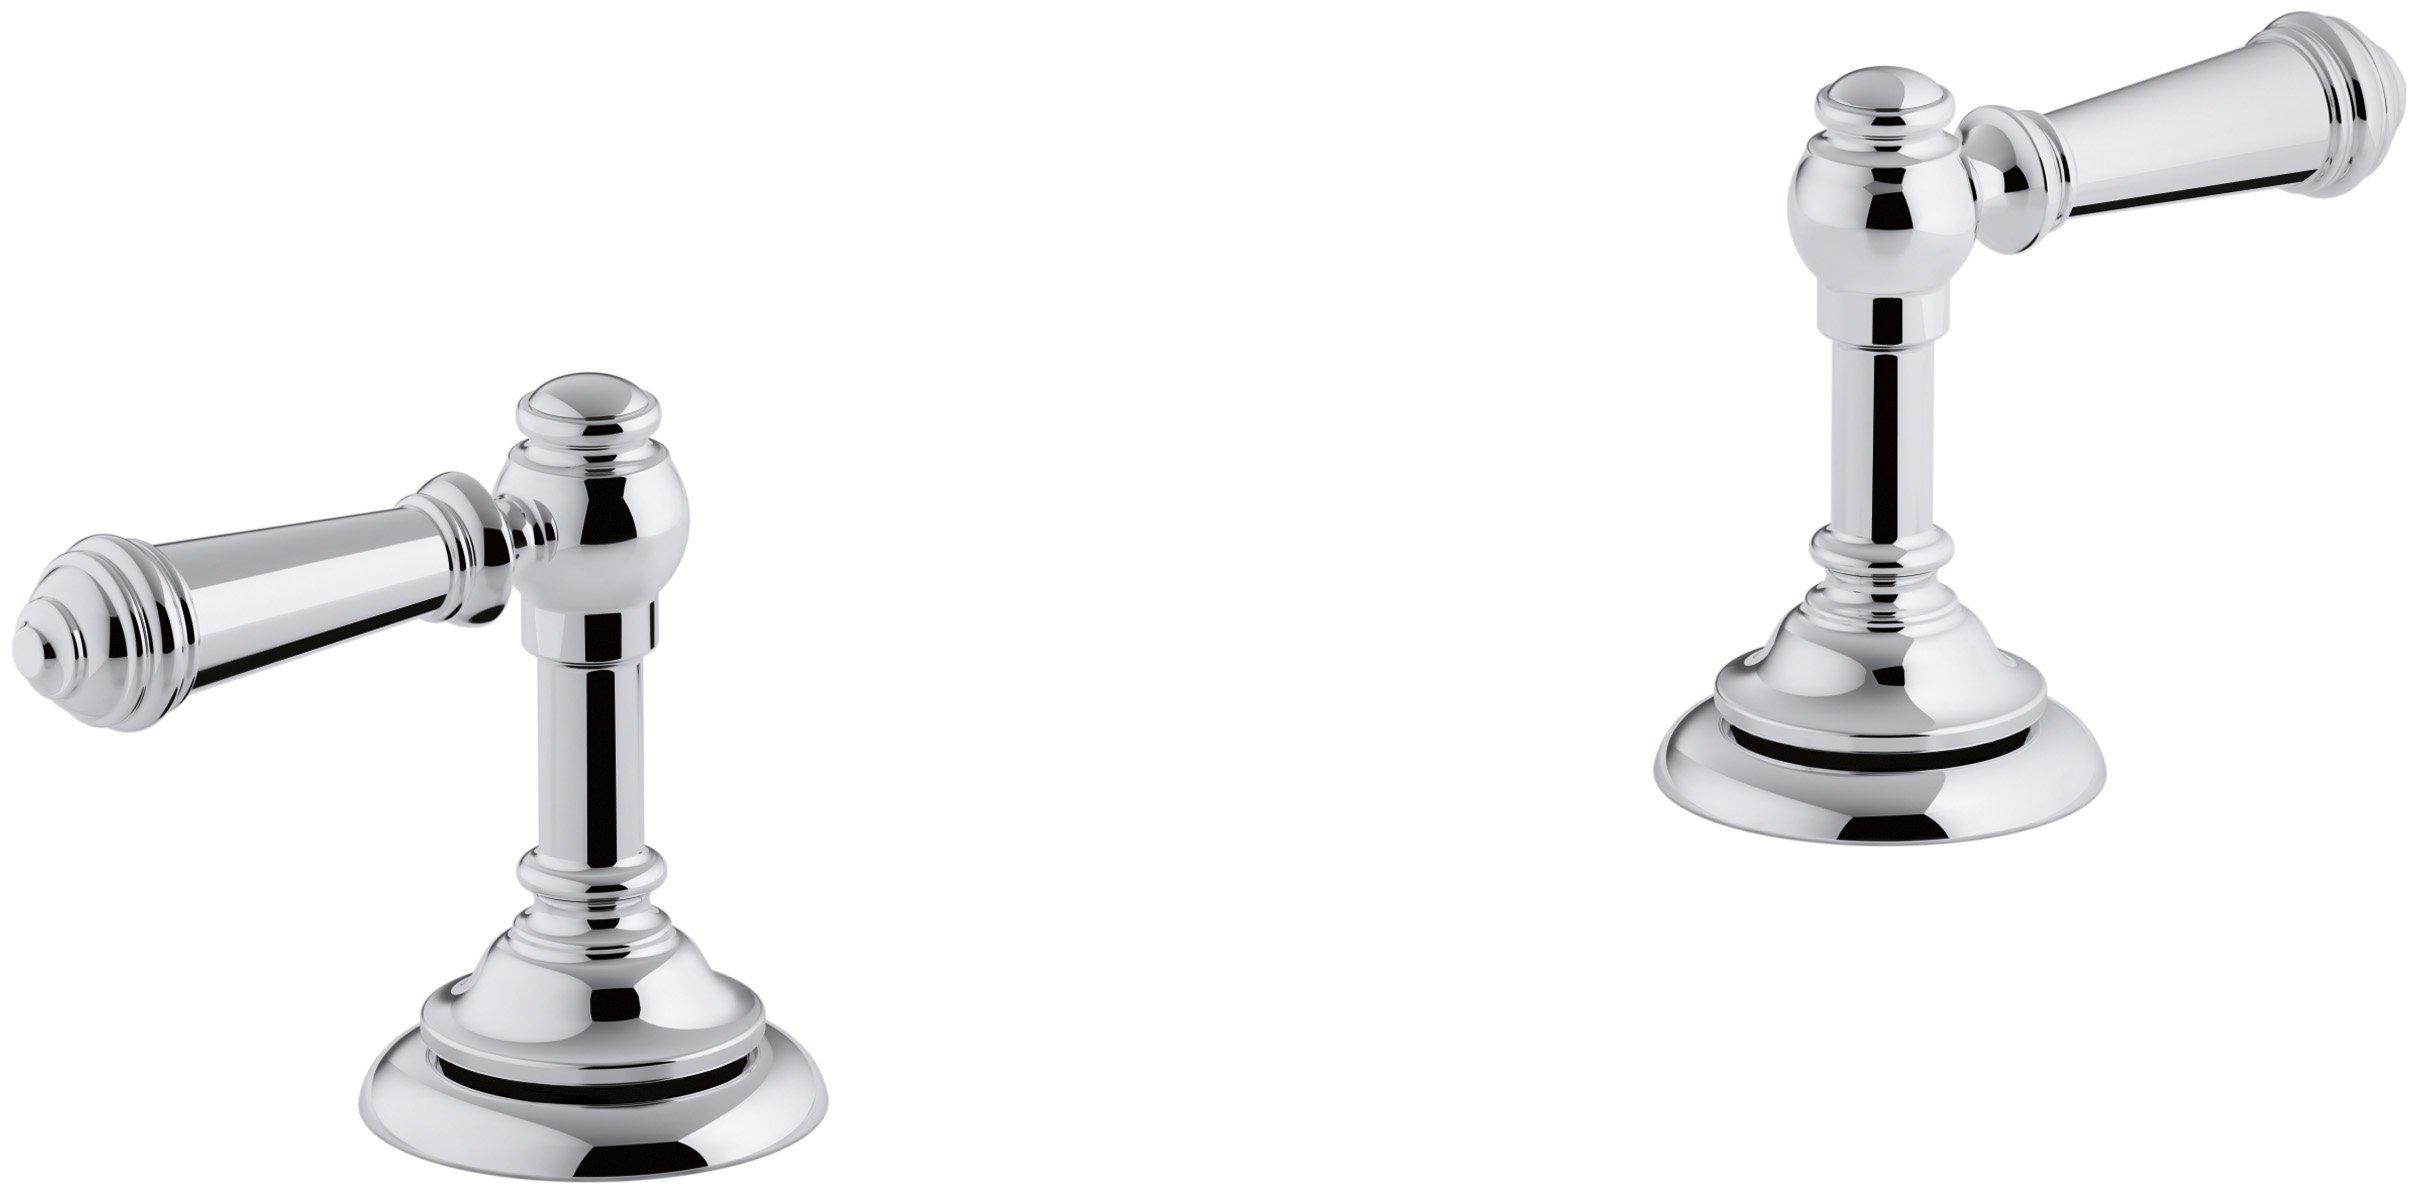 KOHLER K-98068-4-CP Artifacts Bathroom sink lever handles, Less Spout, Polished Chrome by Kohler